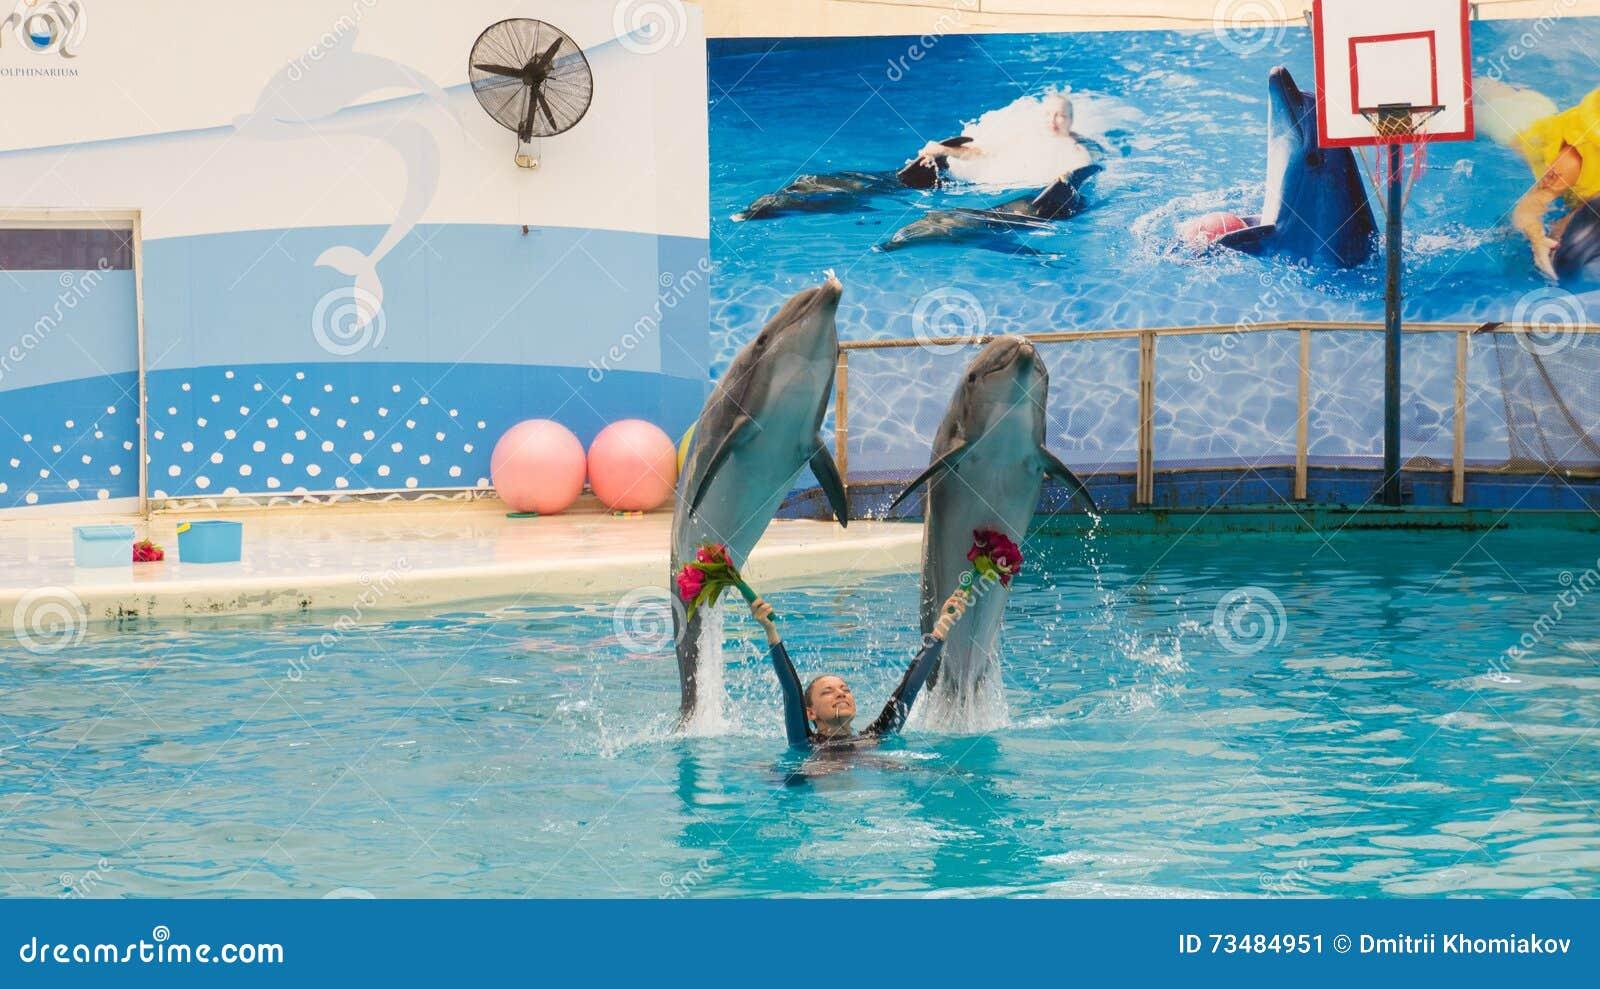 Дельфин игра 4